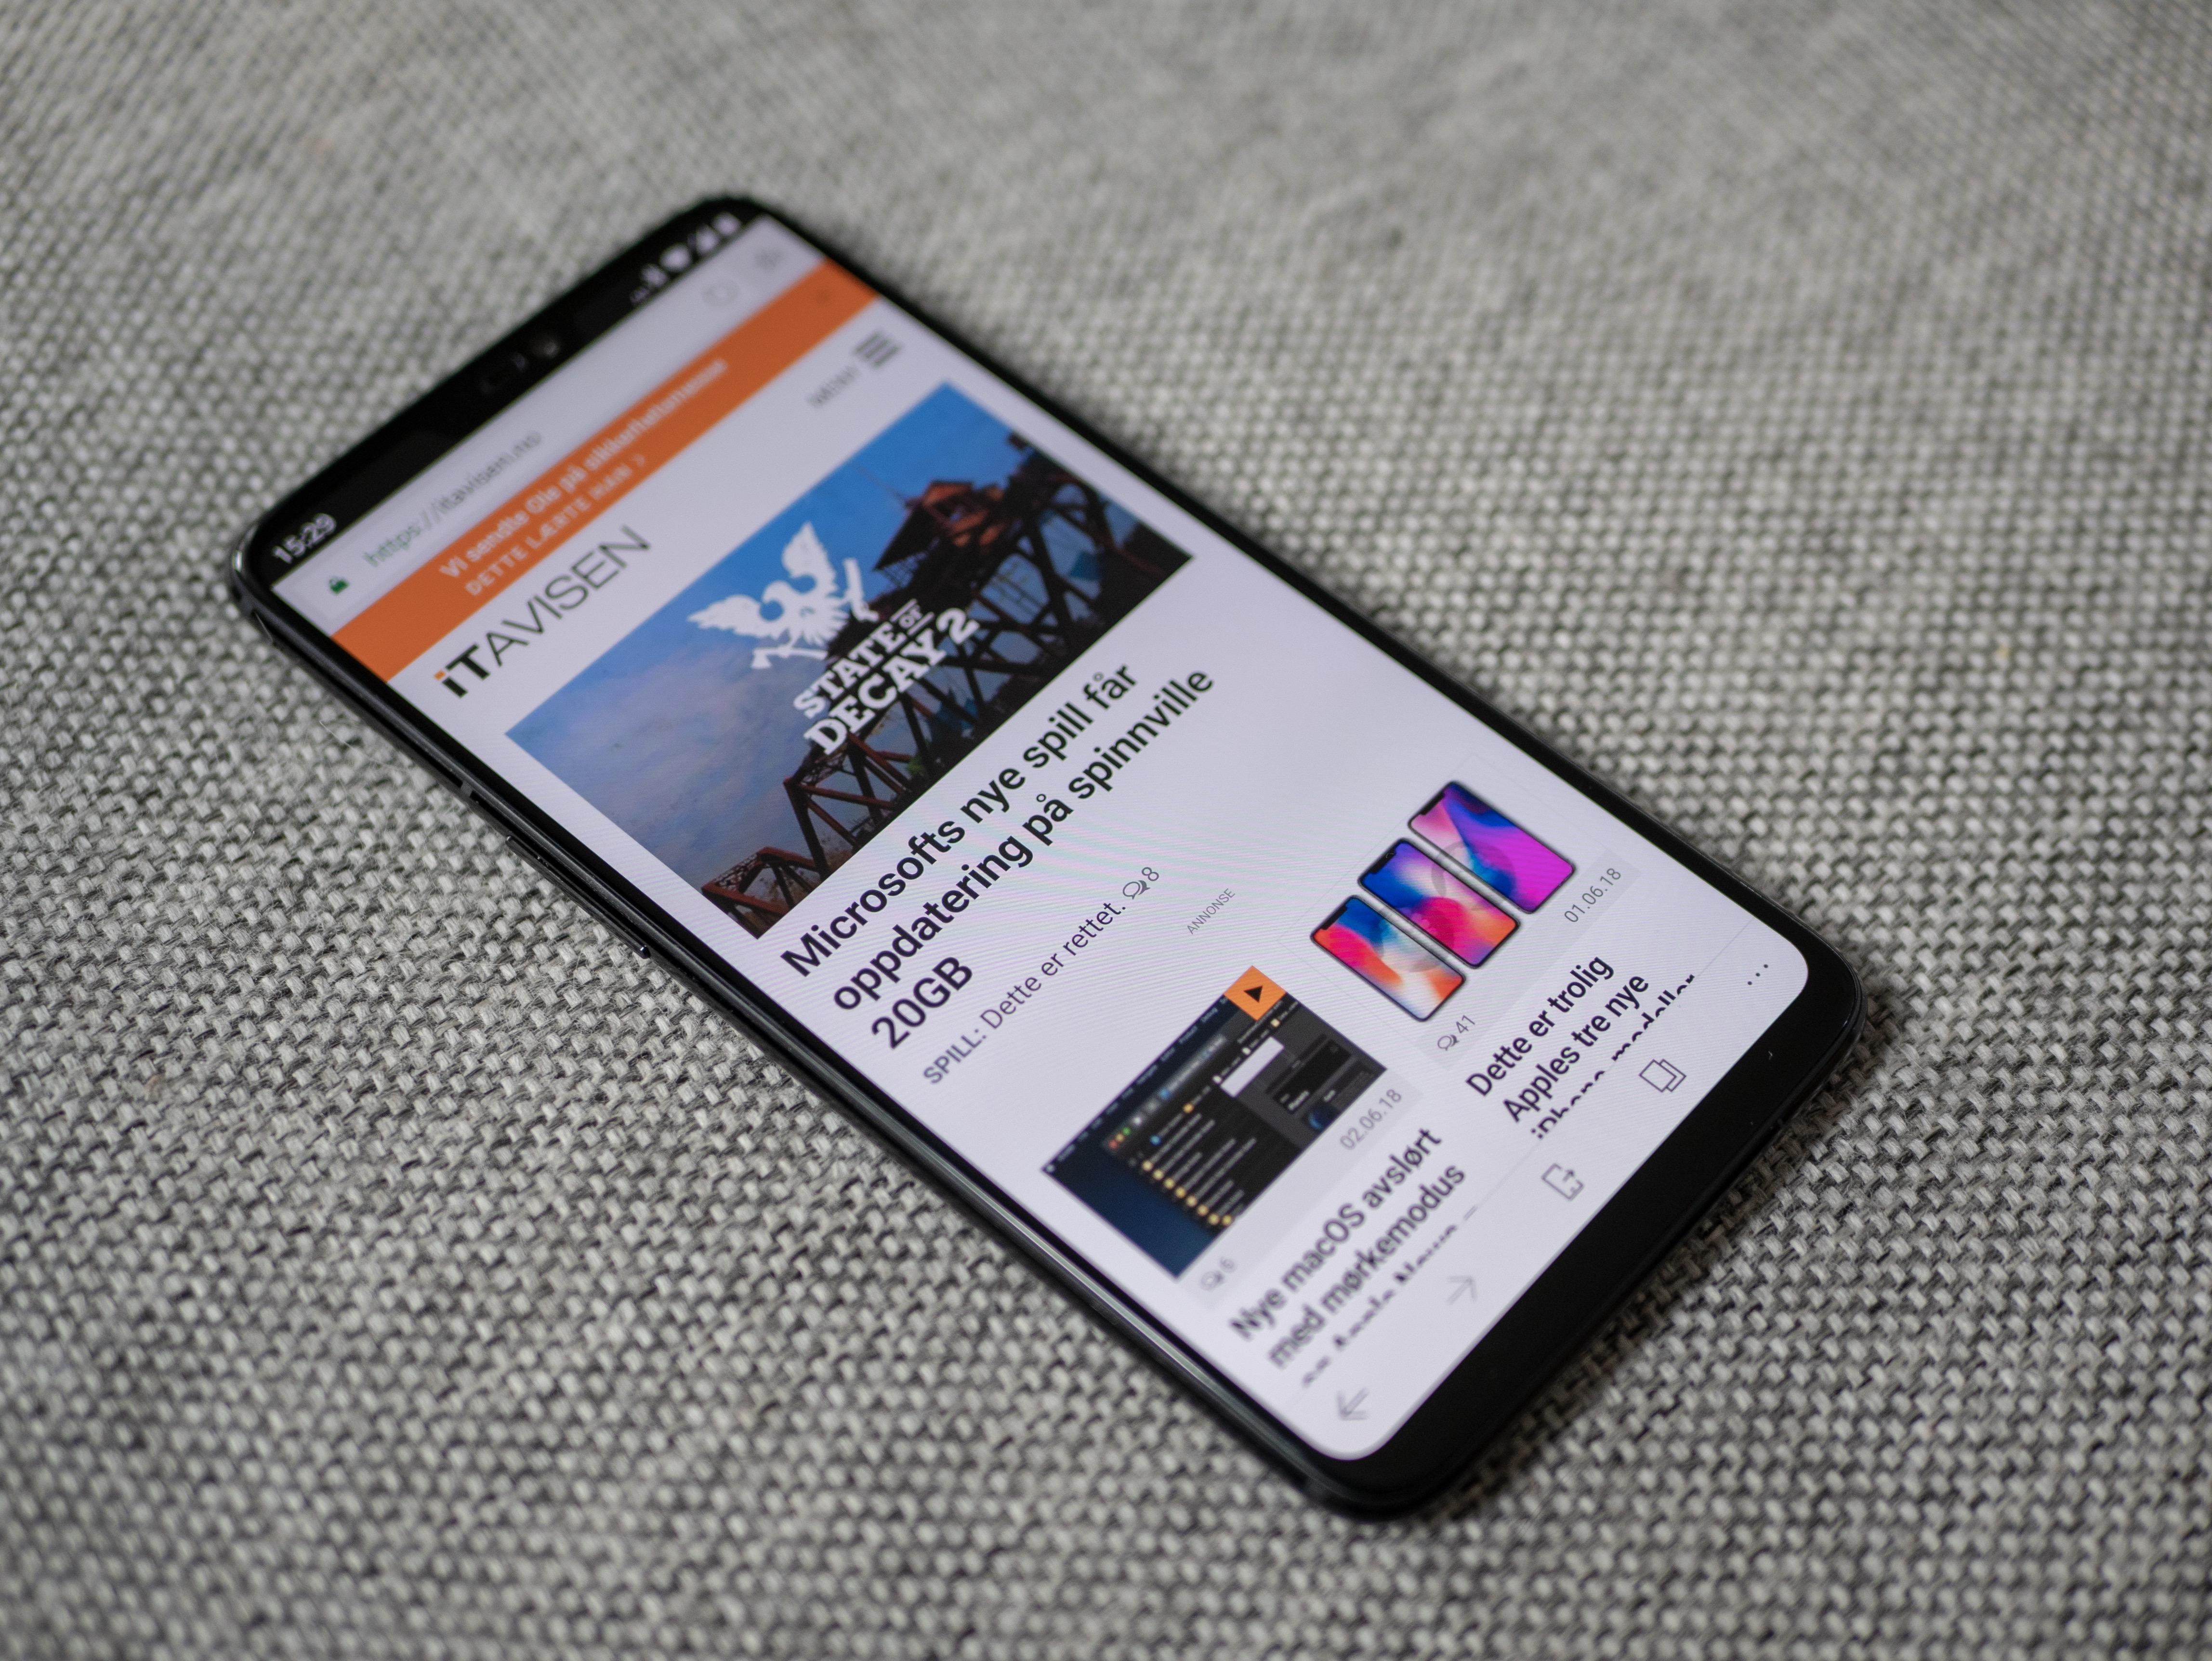 Datoen er satt: OnePlus skal lansere noe stort i januar.